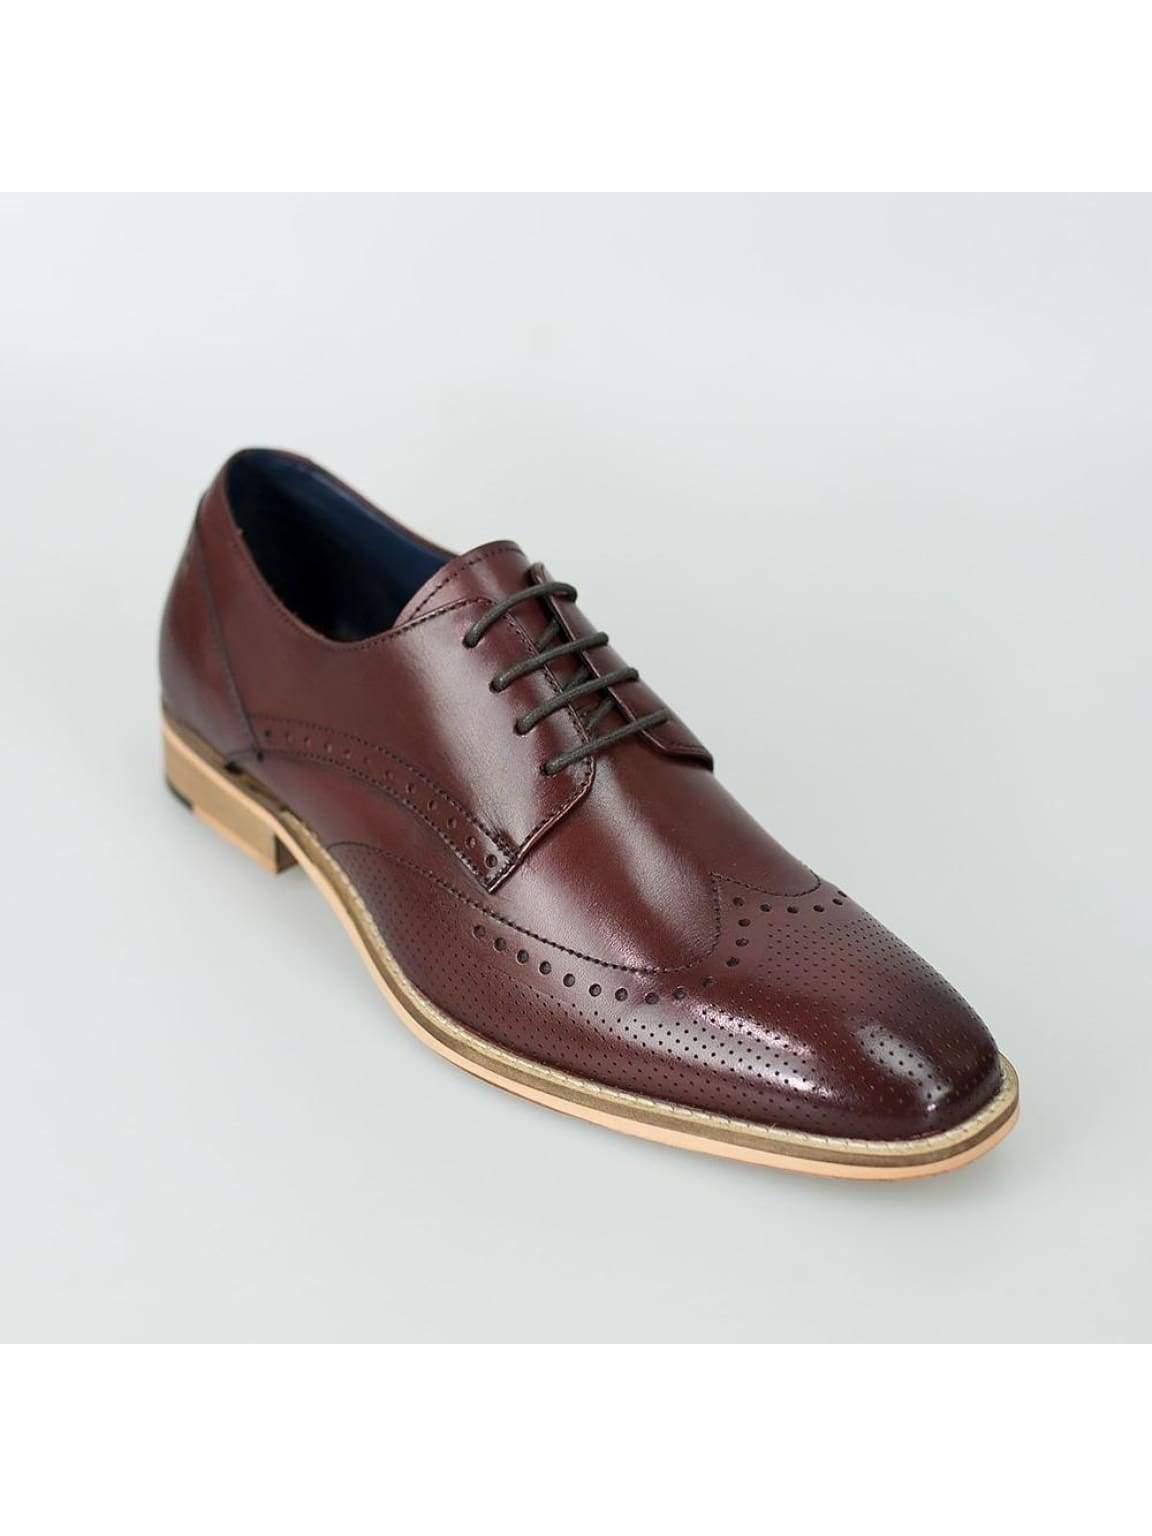 Cavani Rome Mens Leather Cherry Shoes - UK7 | EU41 - Shoes